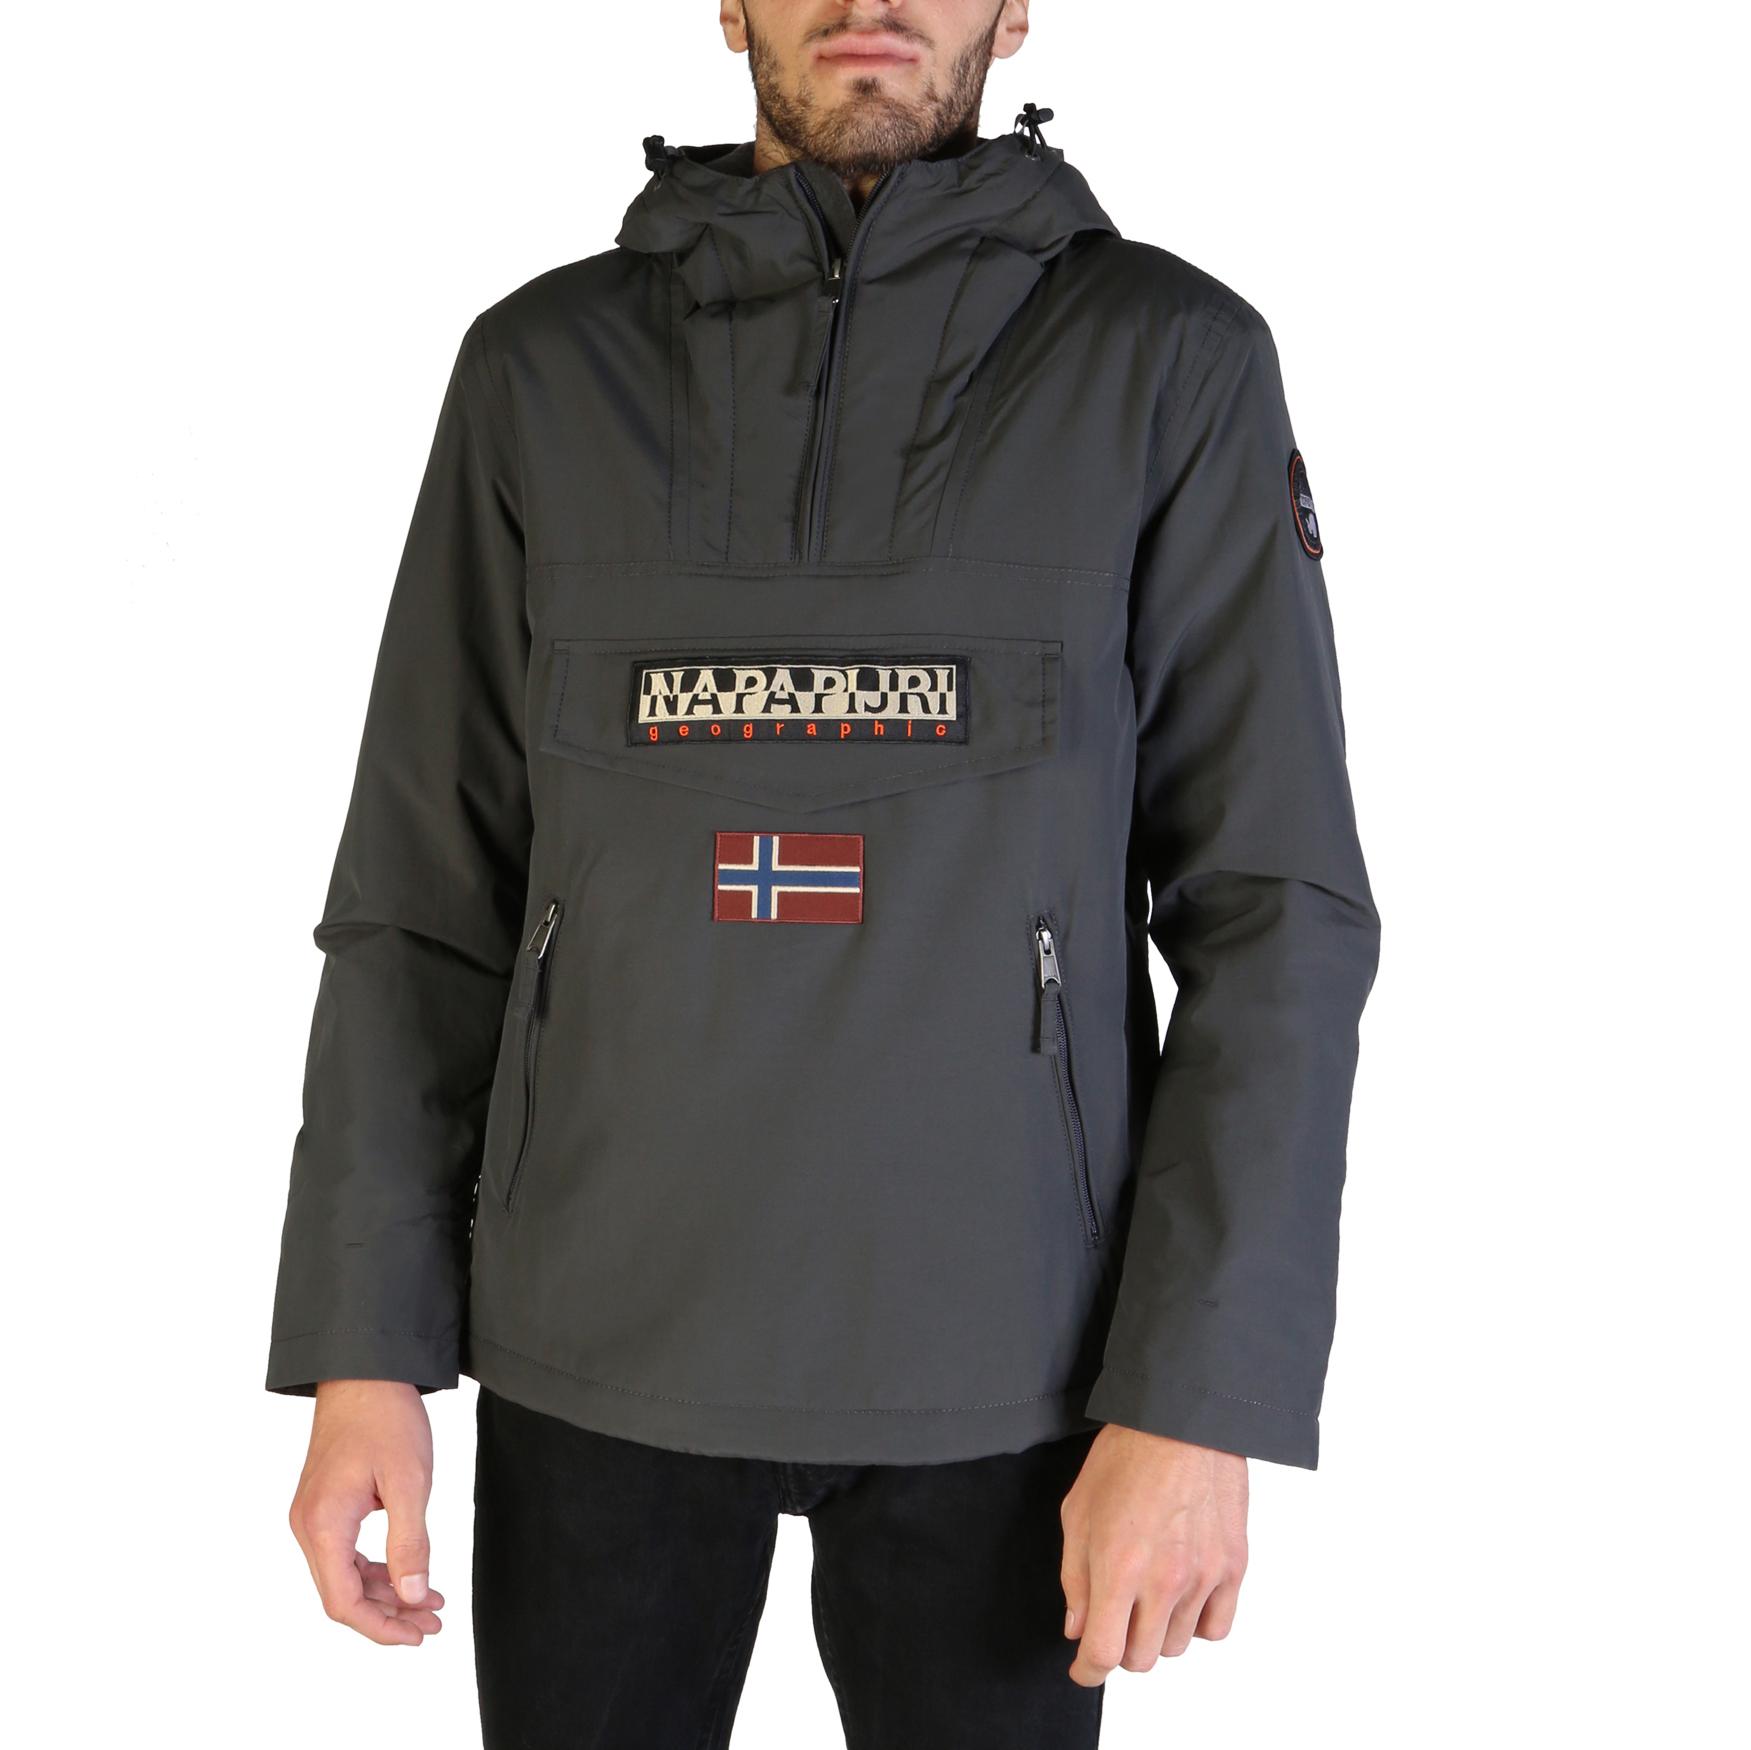 Blousons / doudounes  Napapijri RAINFOREST_N0YGNL grey